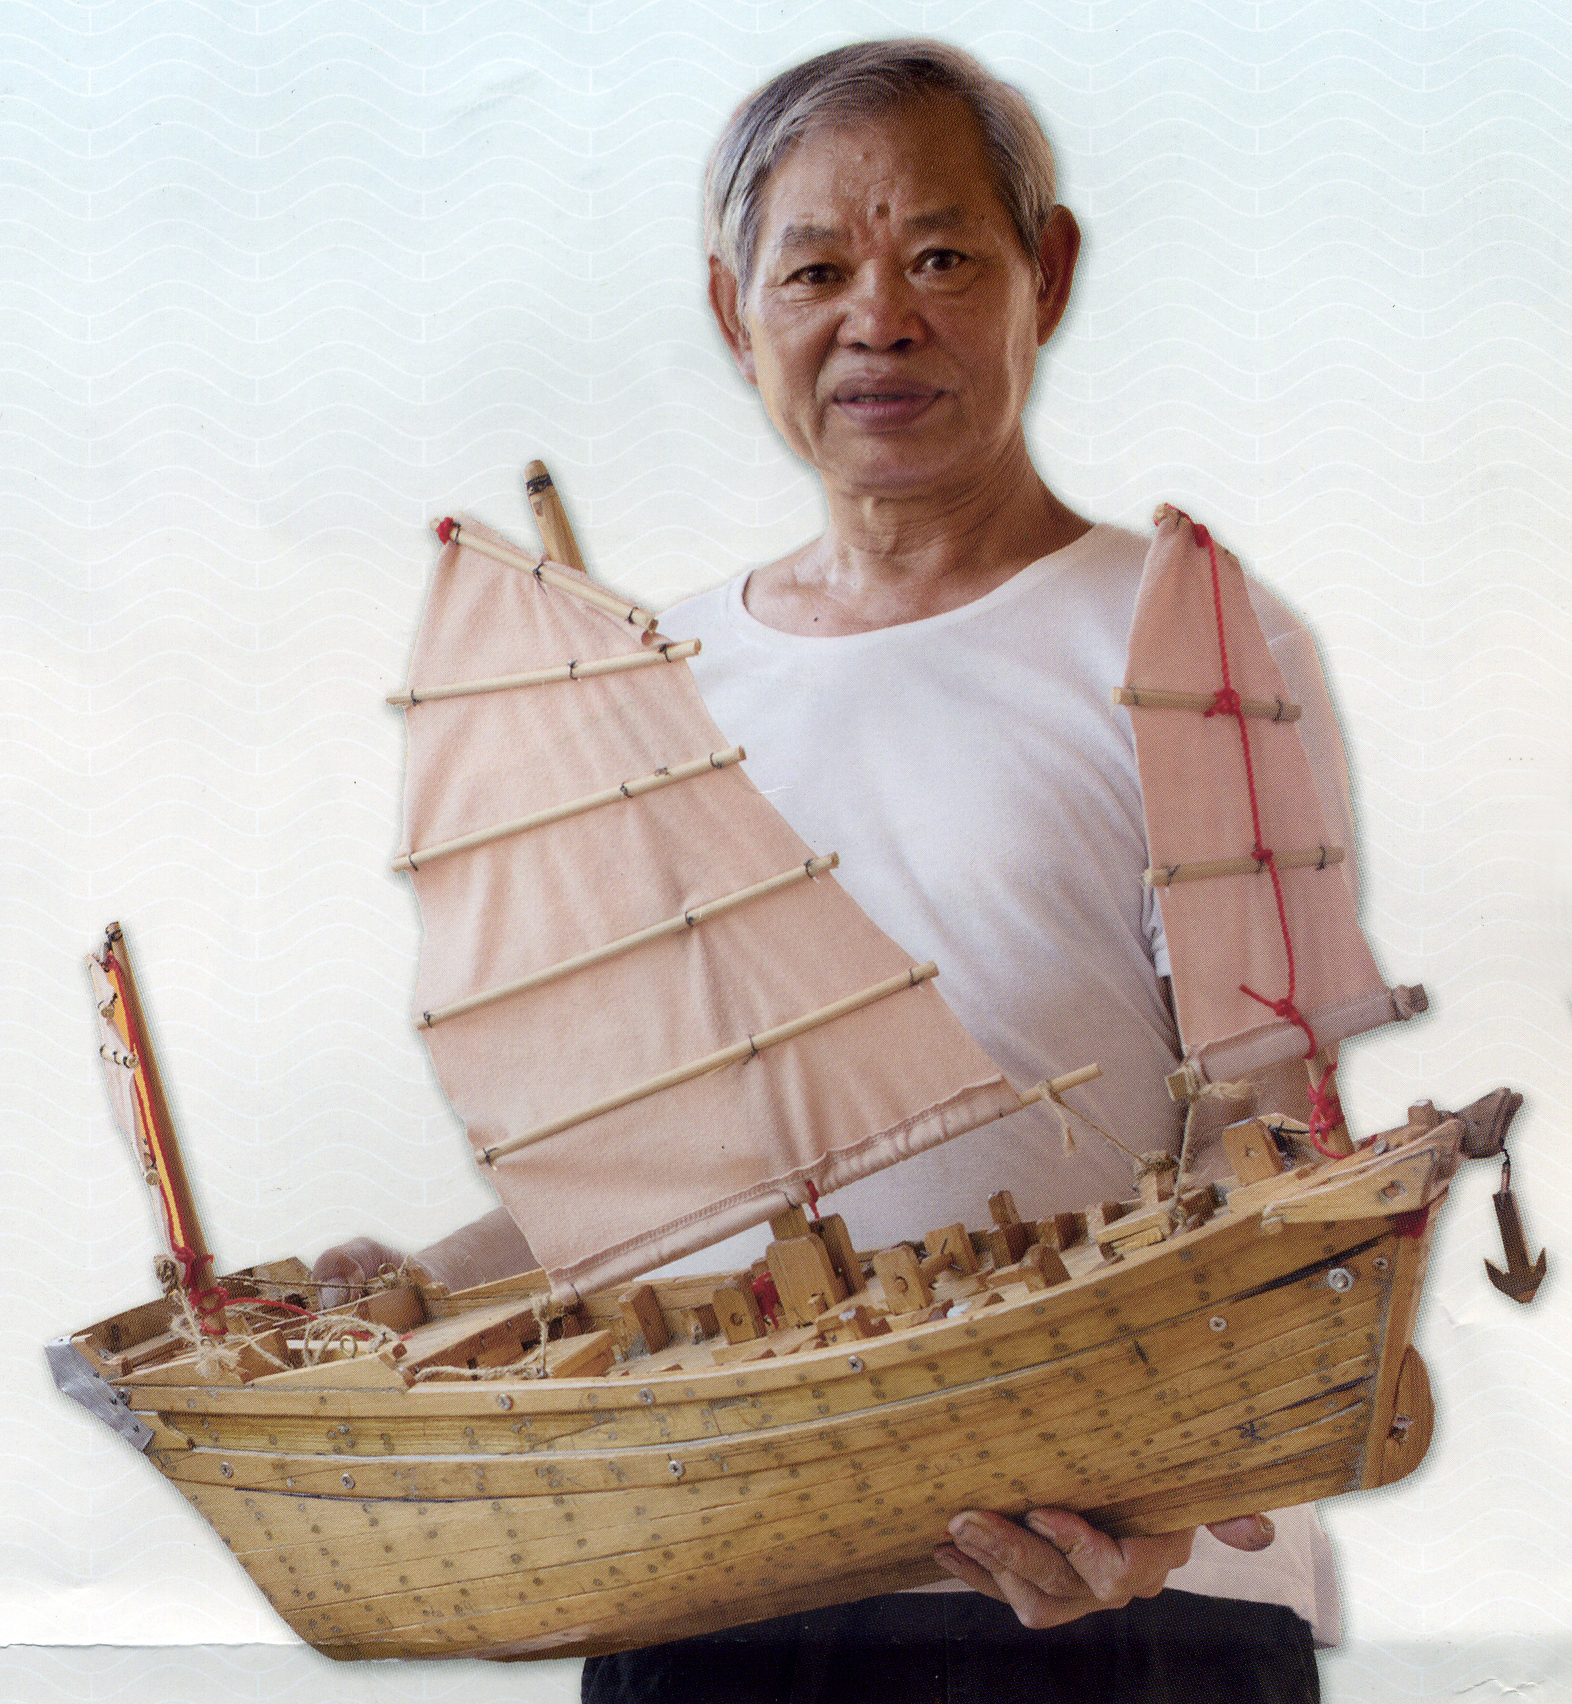 溫泉這一輩子都在建造大大小小的船隻